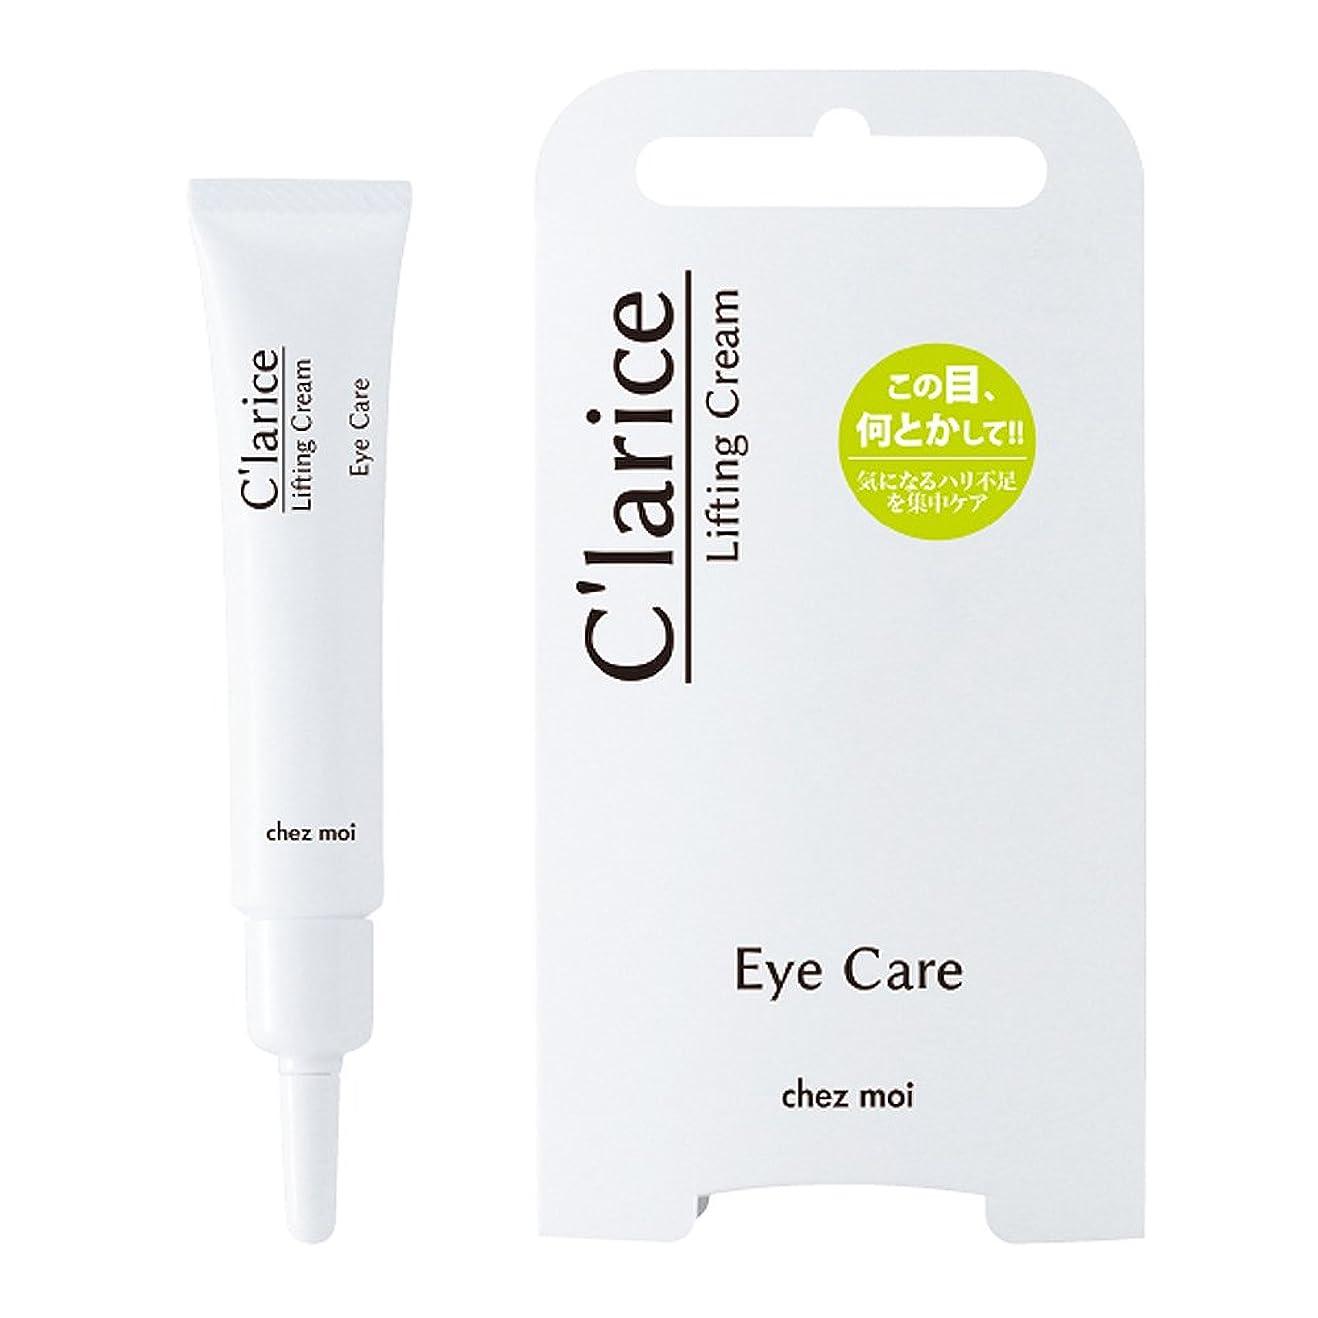 干渉転送提案するシェモア C'larice(クラリス) Lifting Cream 15g